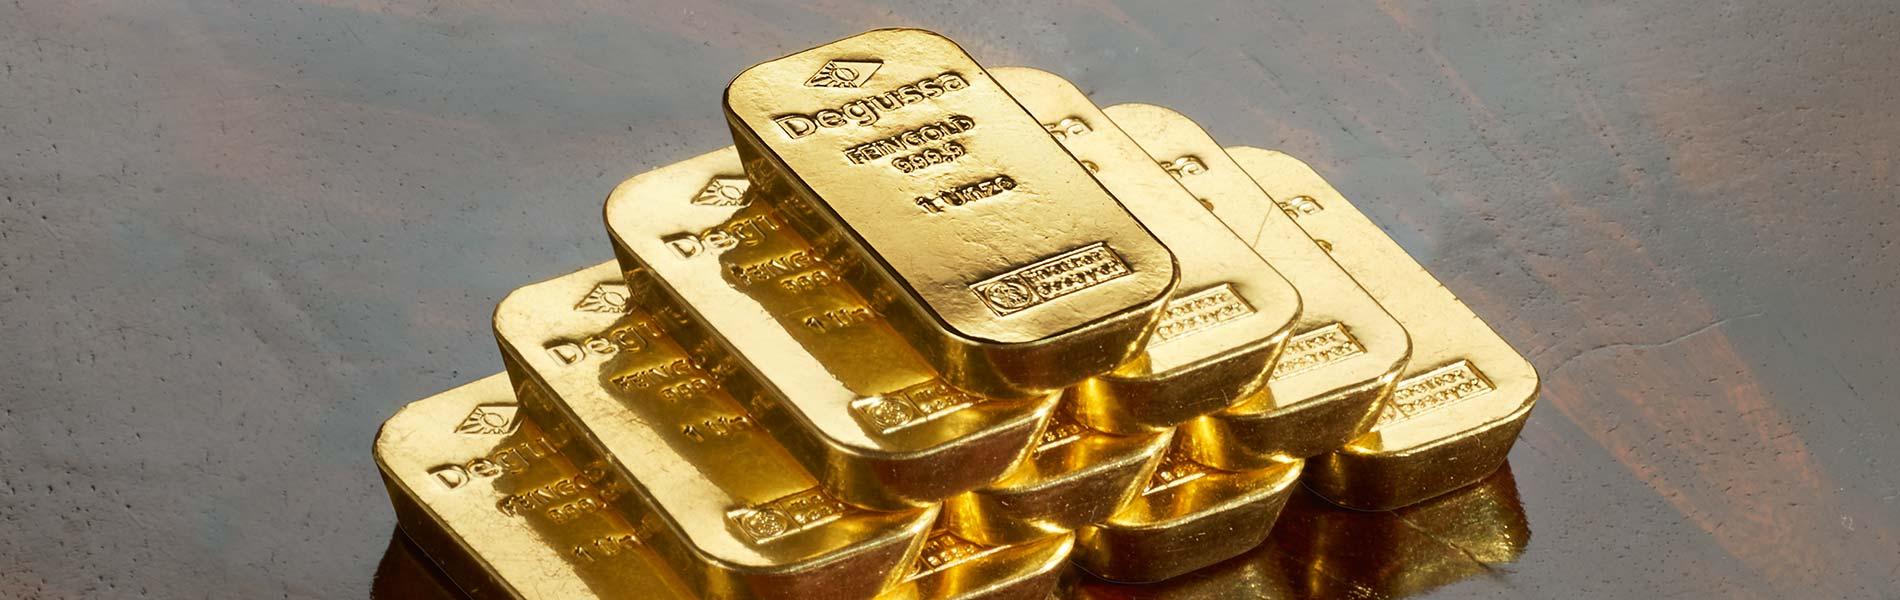 Verpfändung Goldbarren